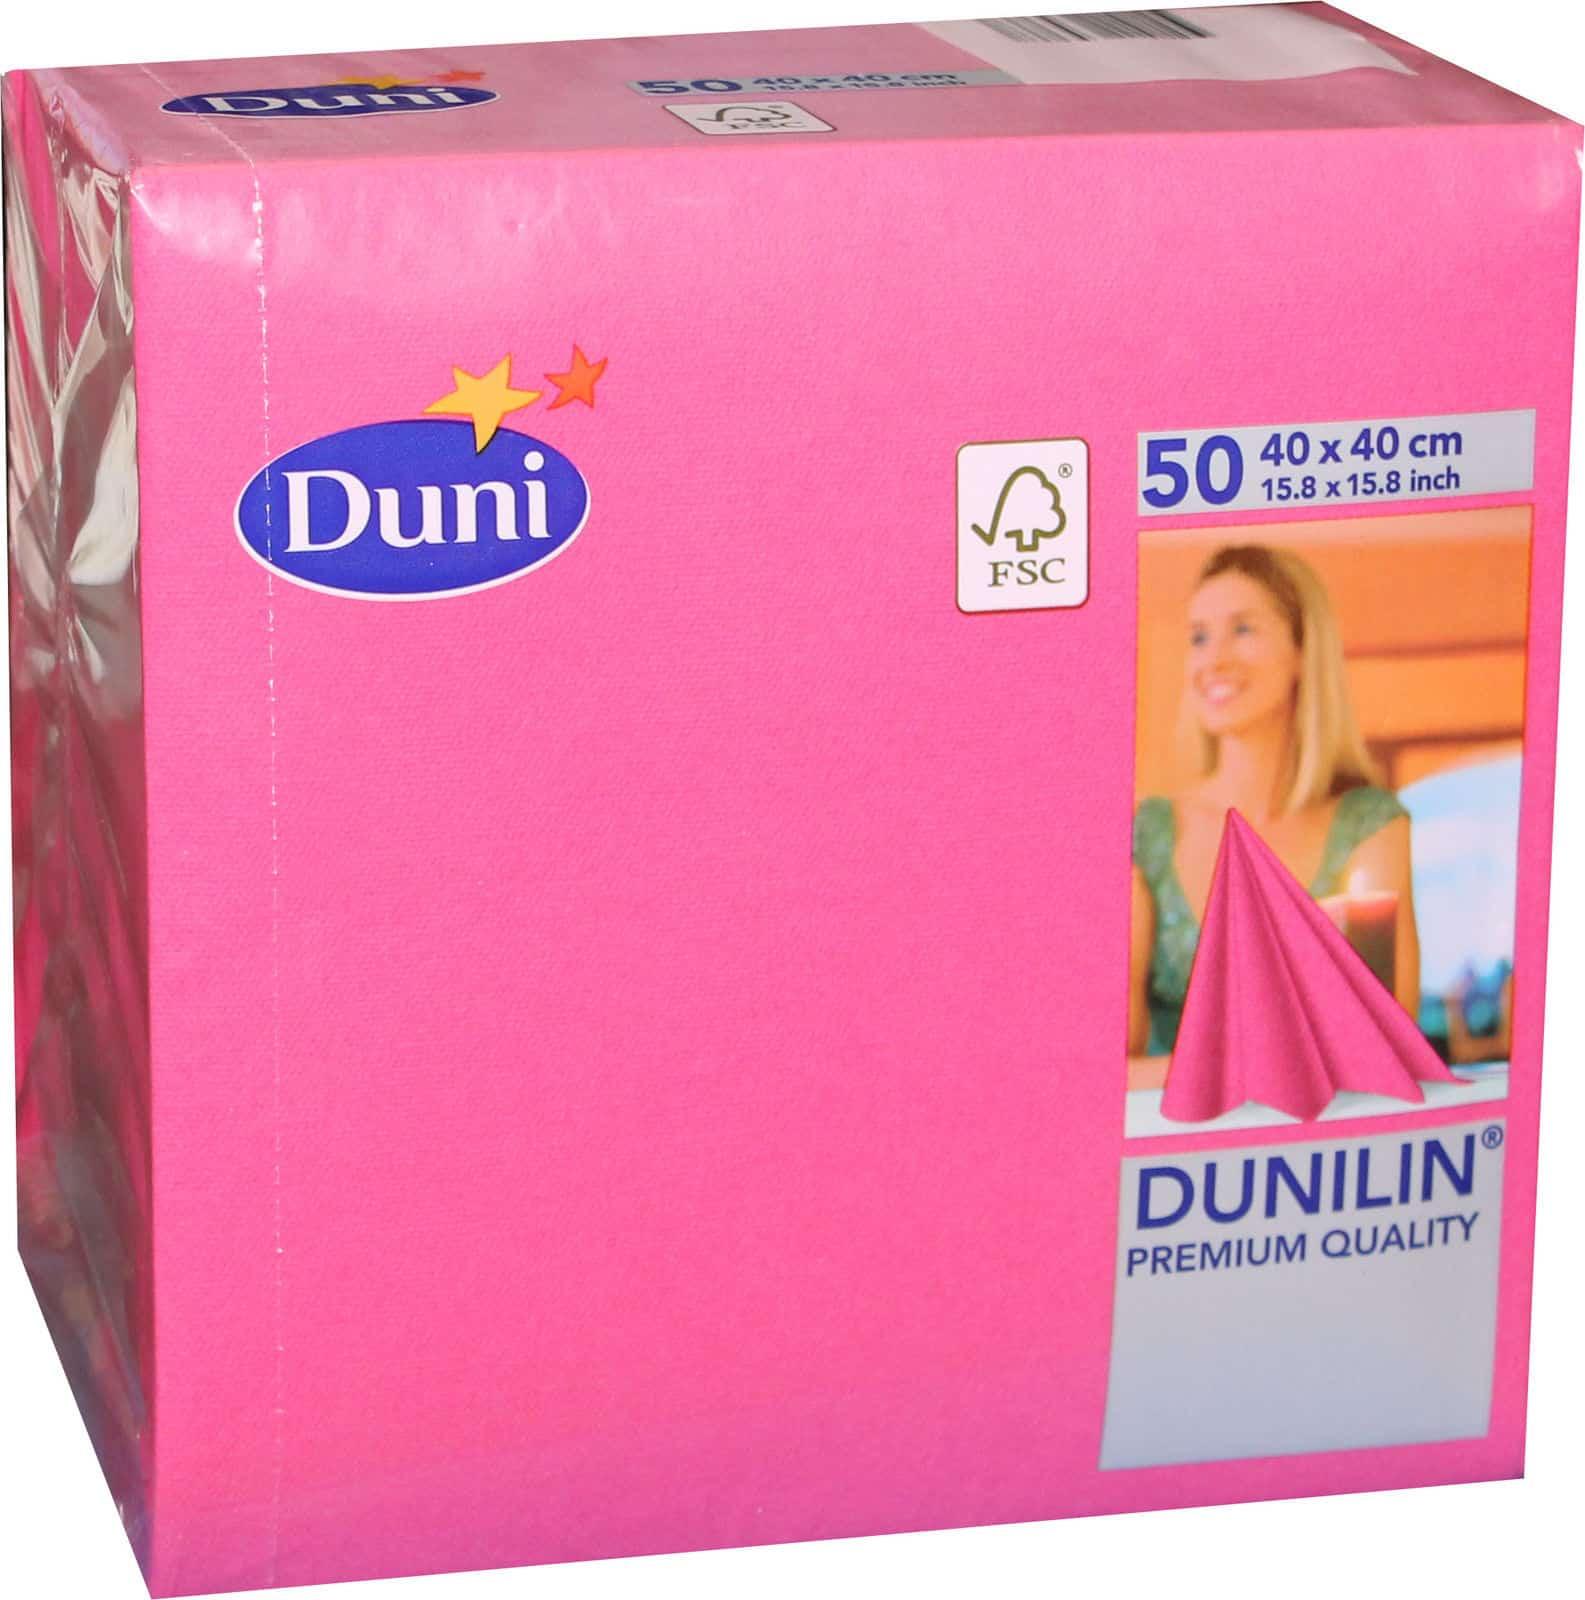 50 Duni Dunilin 165386 Gastro Servietten 40 X 40 Cm